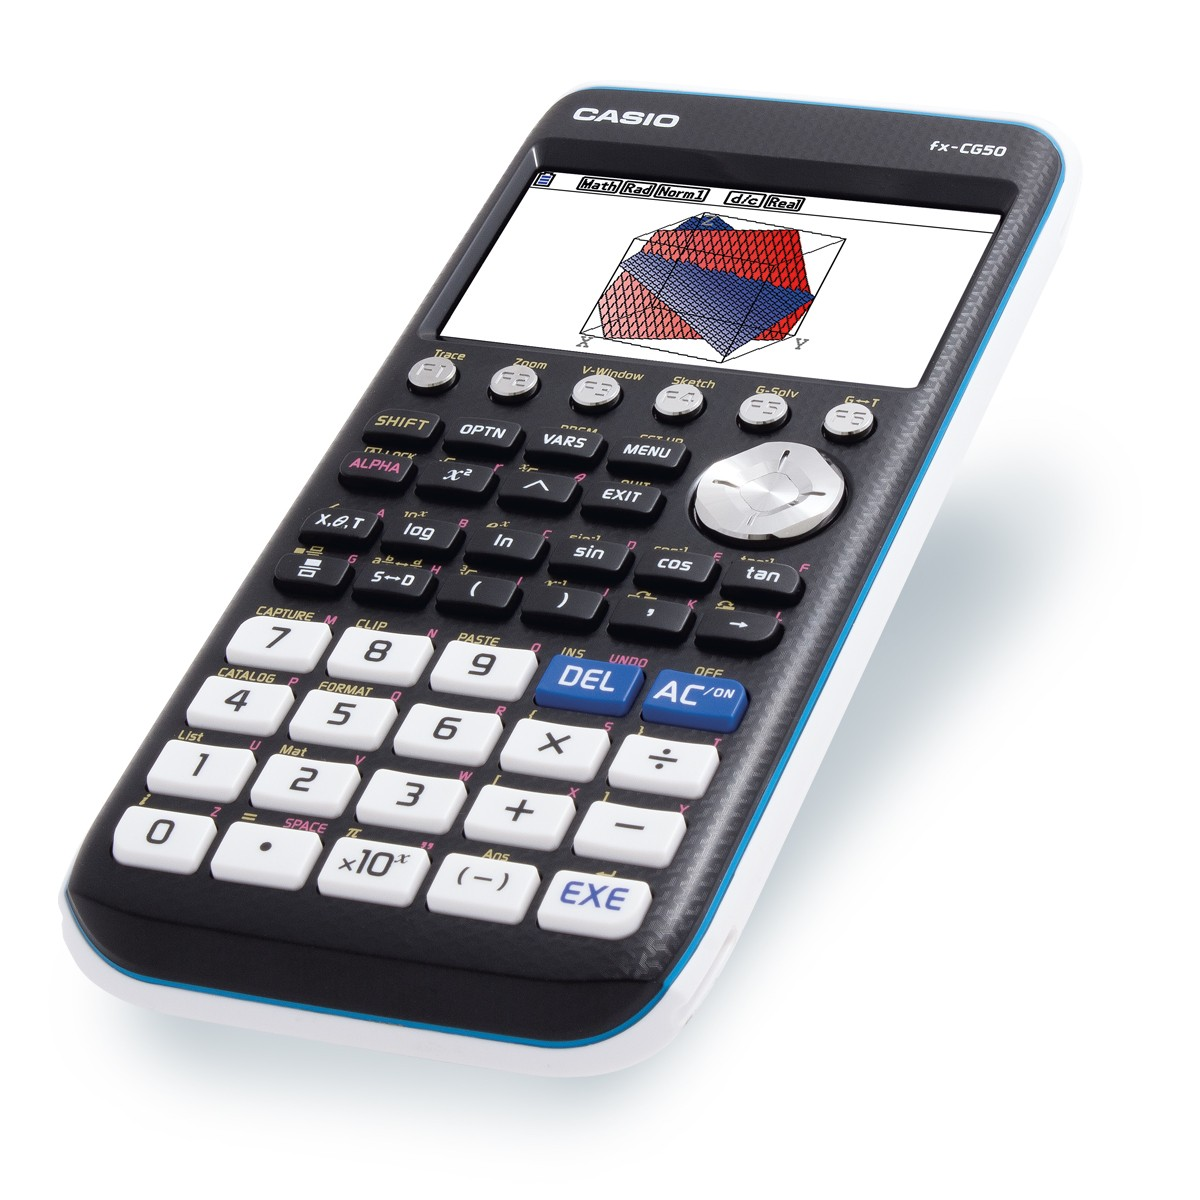 b43fffbb4 خاصية الربط المياشر بجهاز عرض CASIO هي فقط للاستخدام مع كلاس باد 330 PLUS.  من الضروري تحديث البرامج الدائمة لجهاز العرض للحصول على خاصية الربط المياشر  بجهاز ...